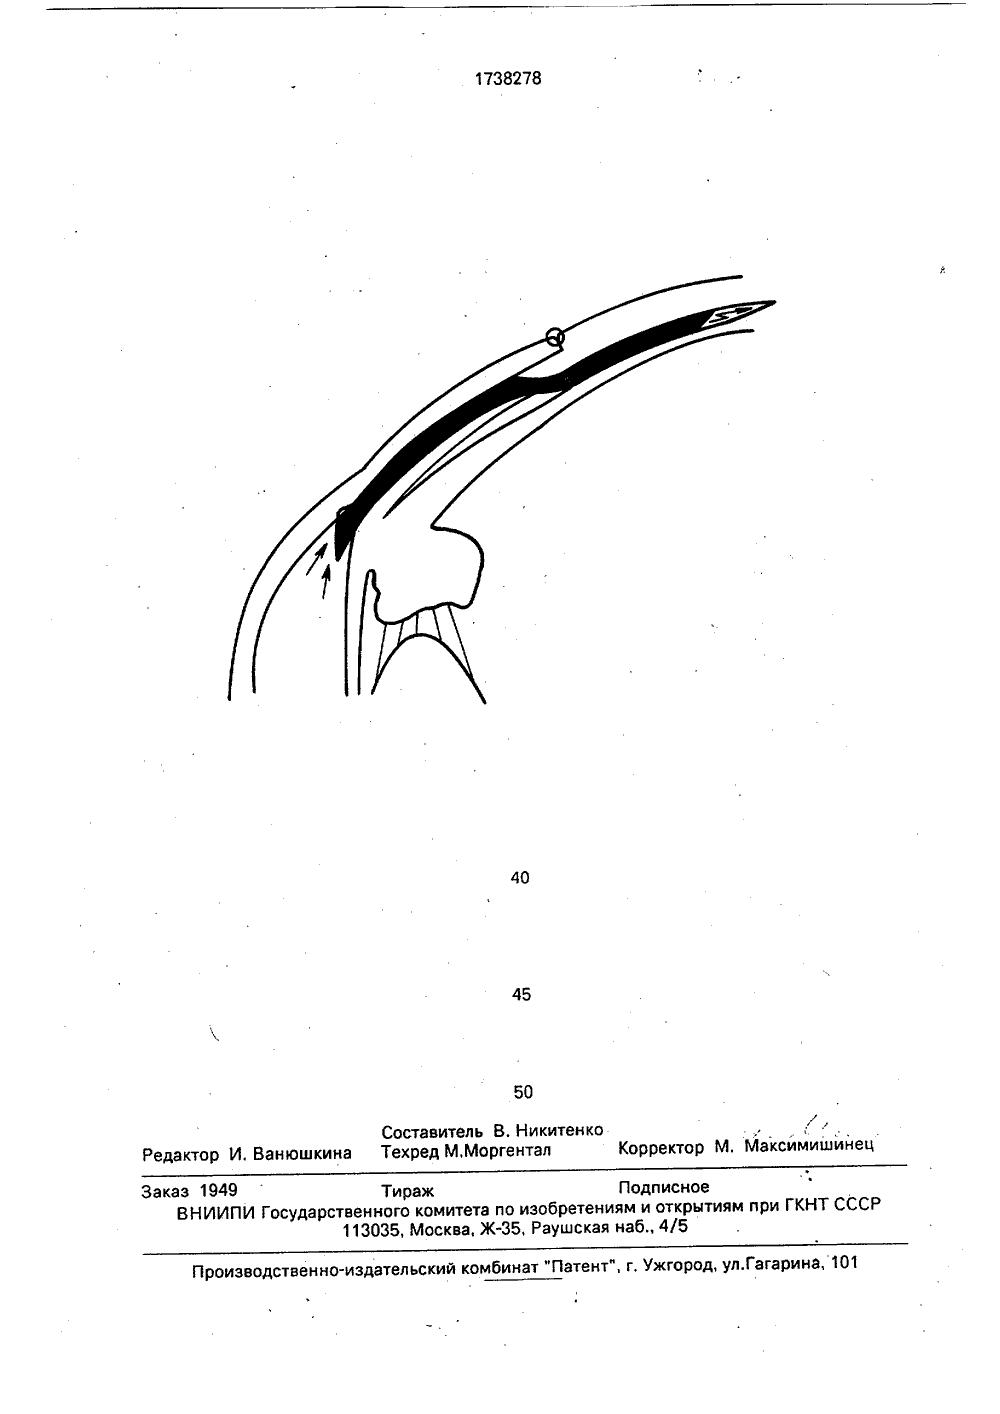 Циклодиализ